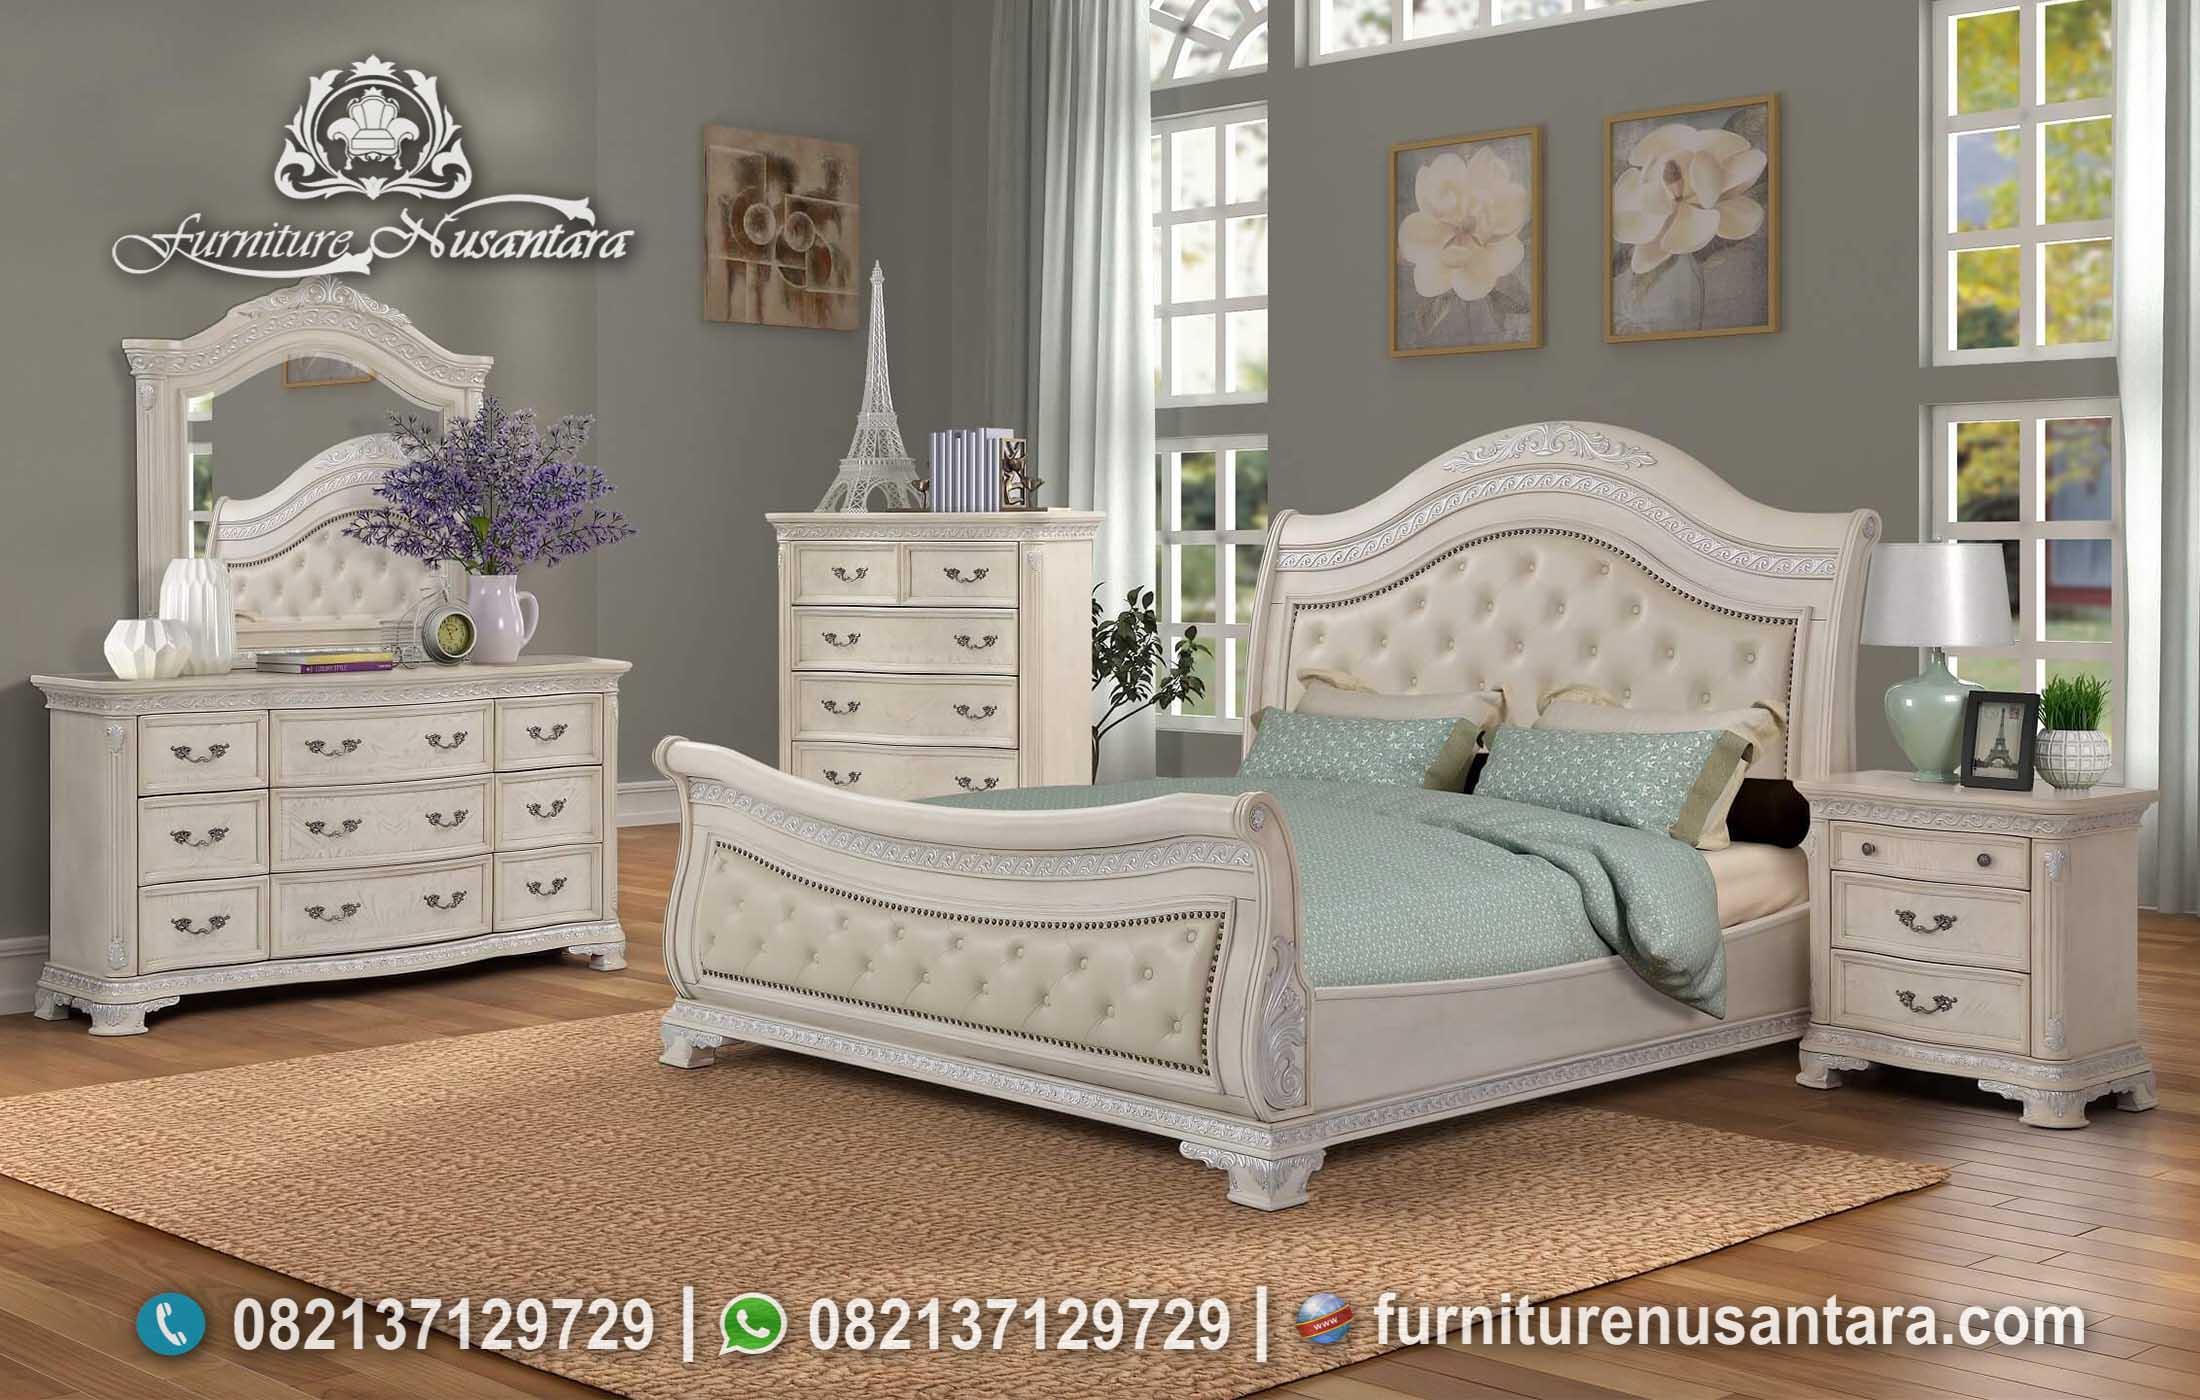 Desain Kamar Tidur Modern Model Terbaru KS-160, Furniture Nusantara